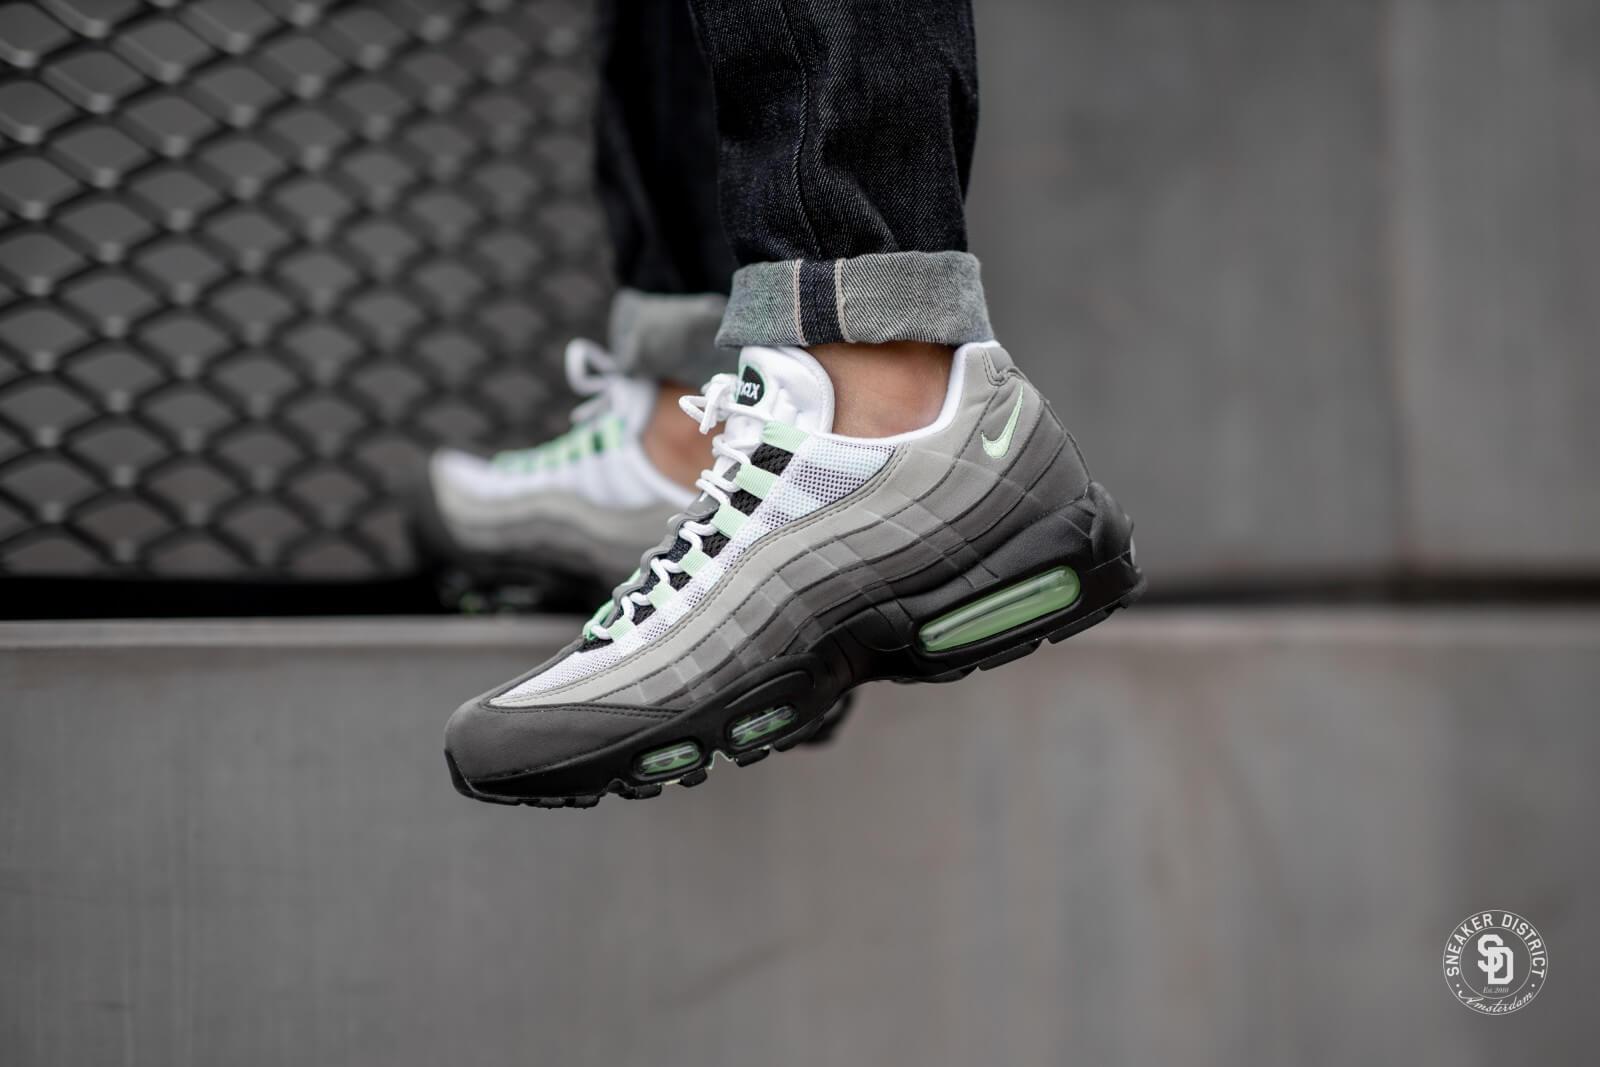 Nike Air Max 95 White/Fresh Mint